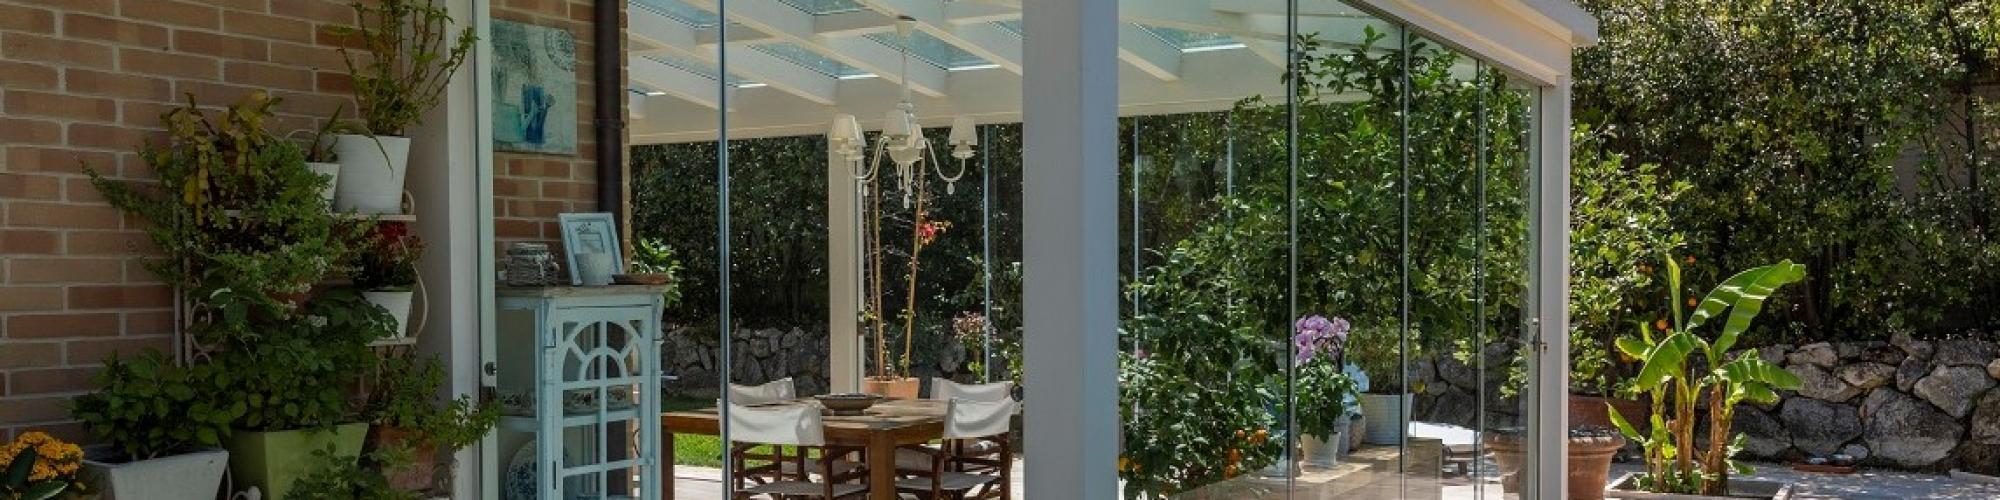 periodo migliore per fare struttura per giardino